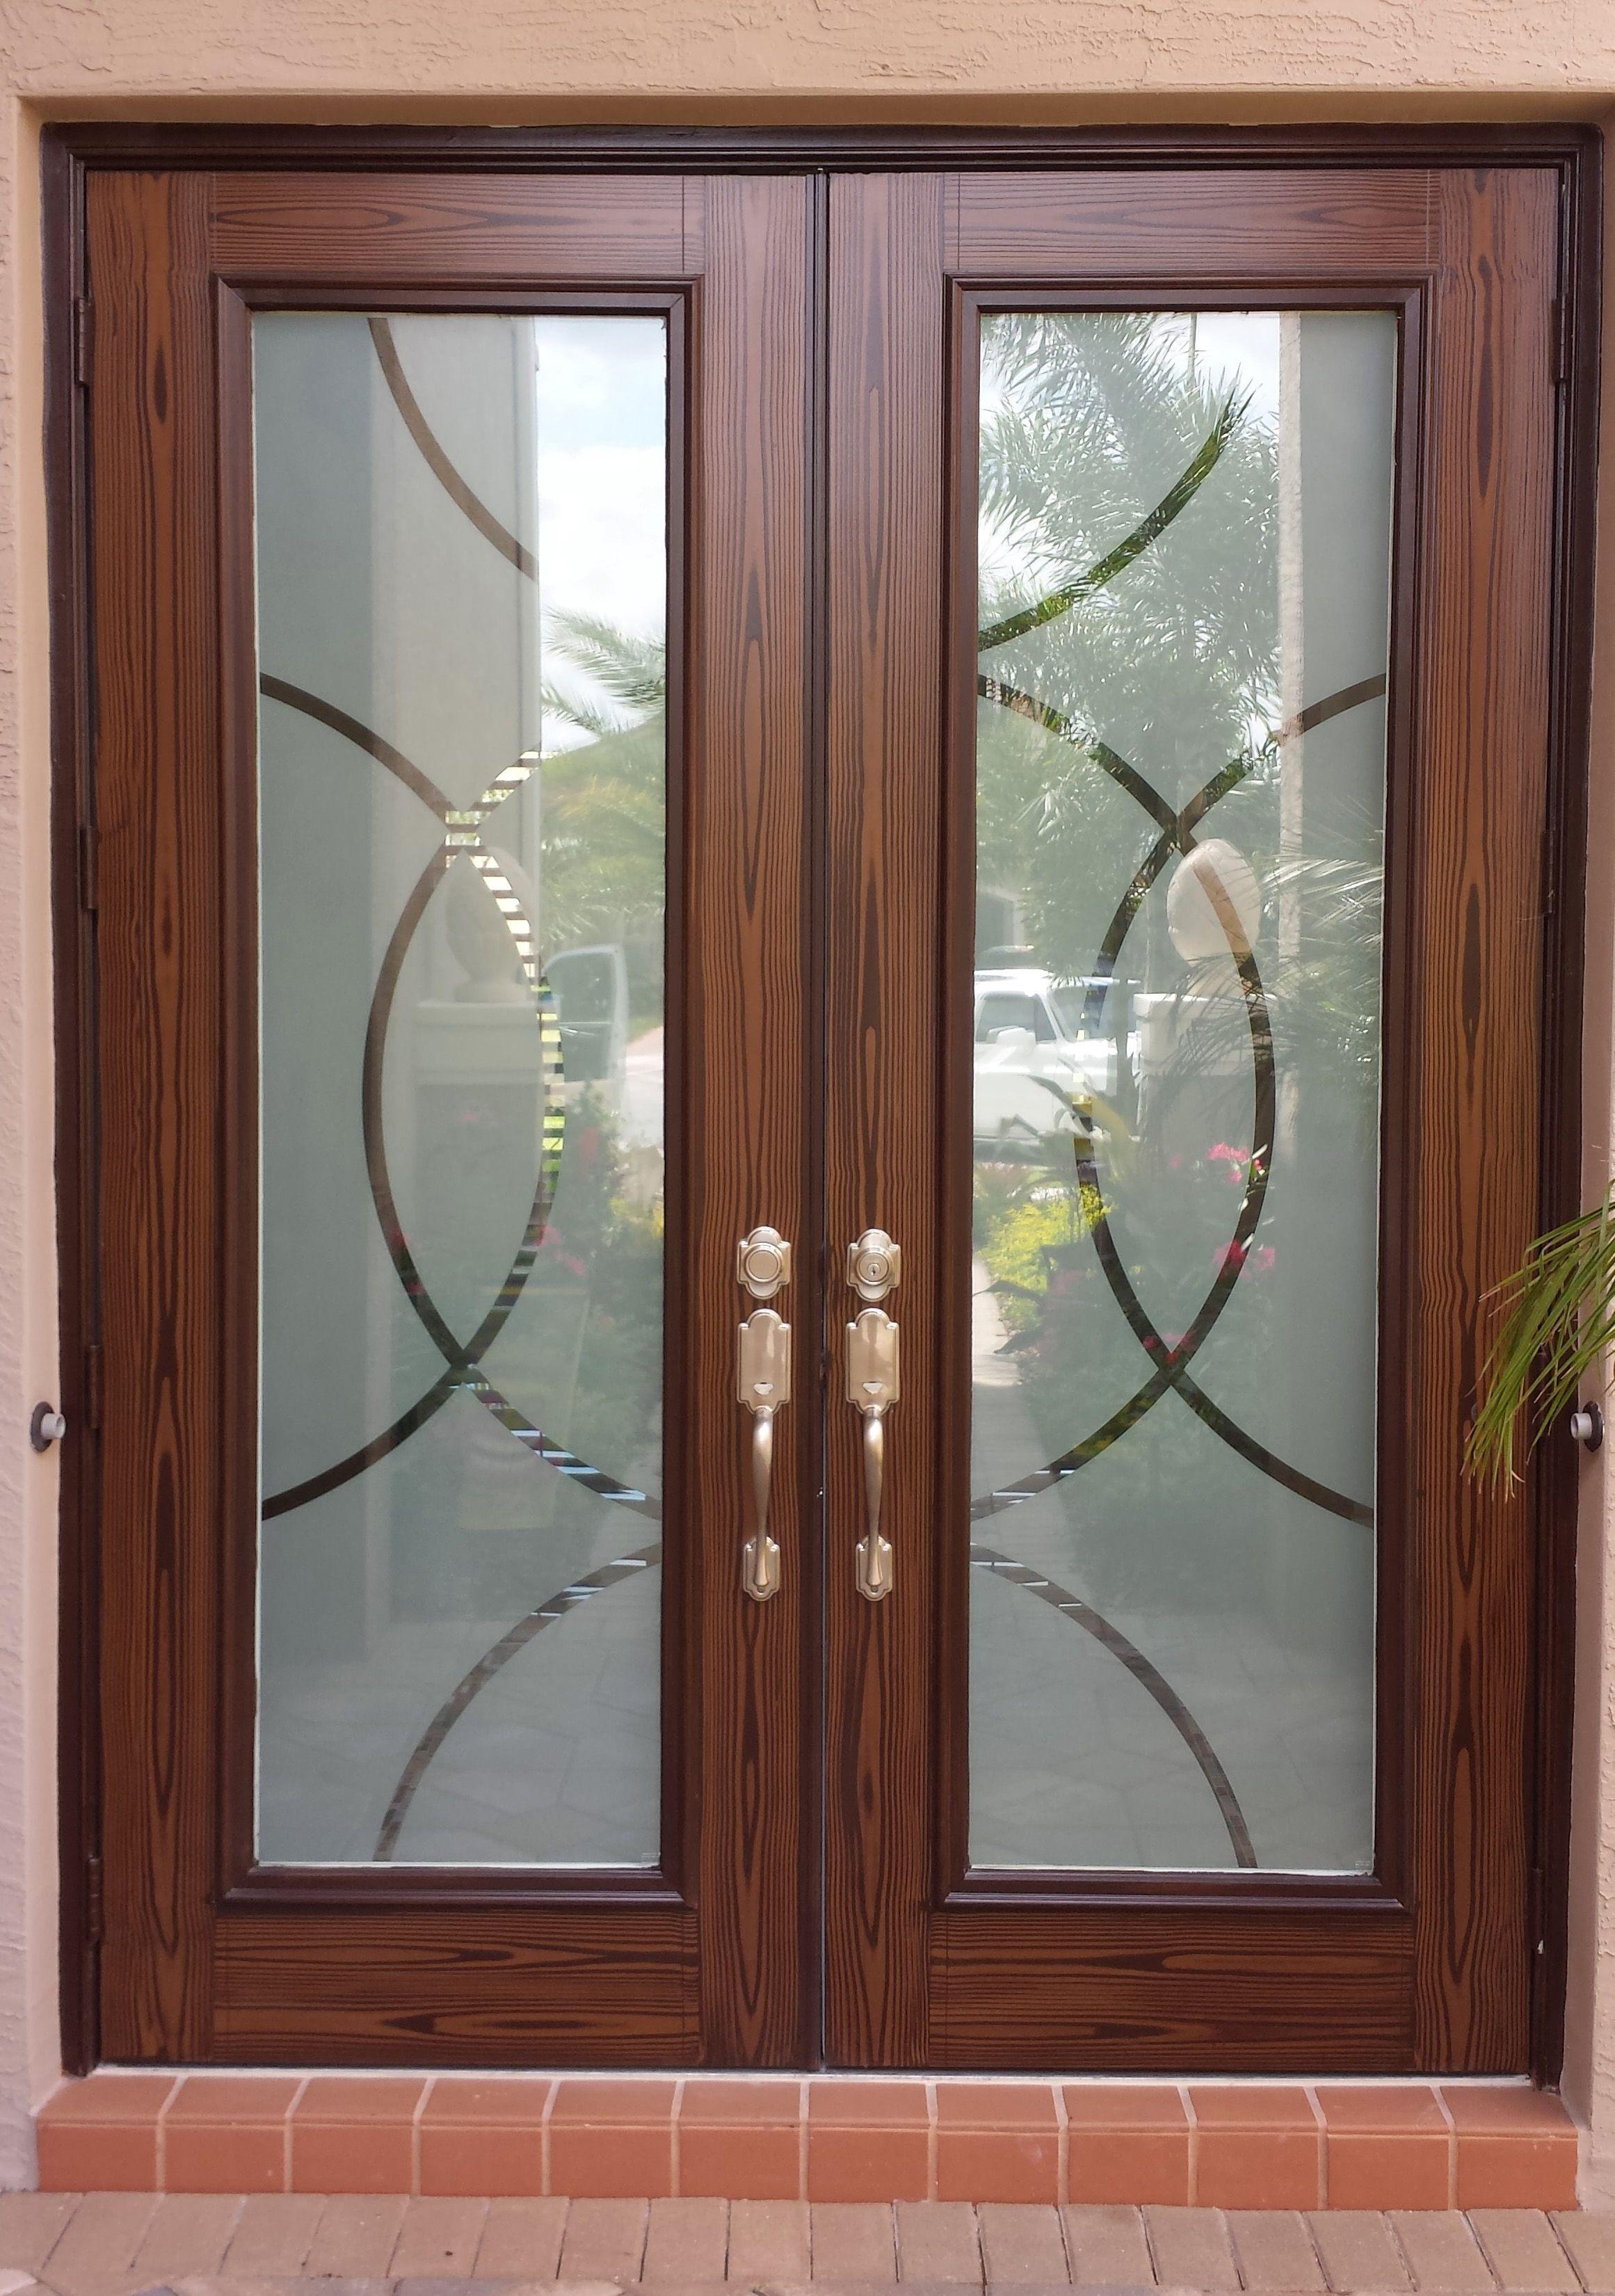 Loops Jpg 2322 3301 With Images Door Glass Design Steel